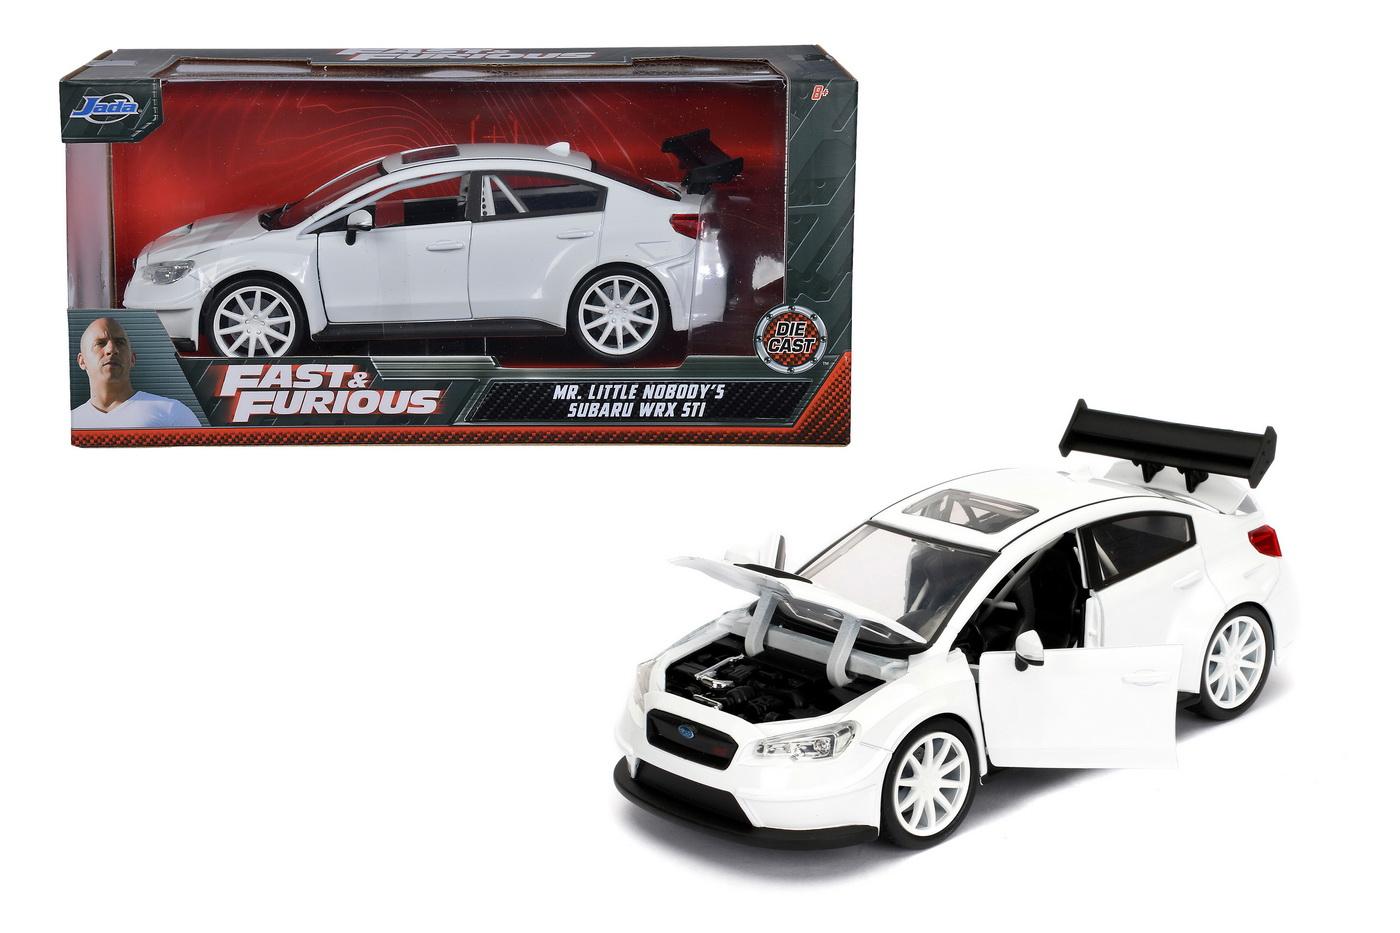 Masinuta Metalica Fast And Furious Ff8 Mrs. Little Nobody's Subaru Wrx Scara 1:24